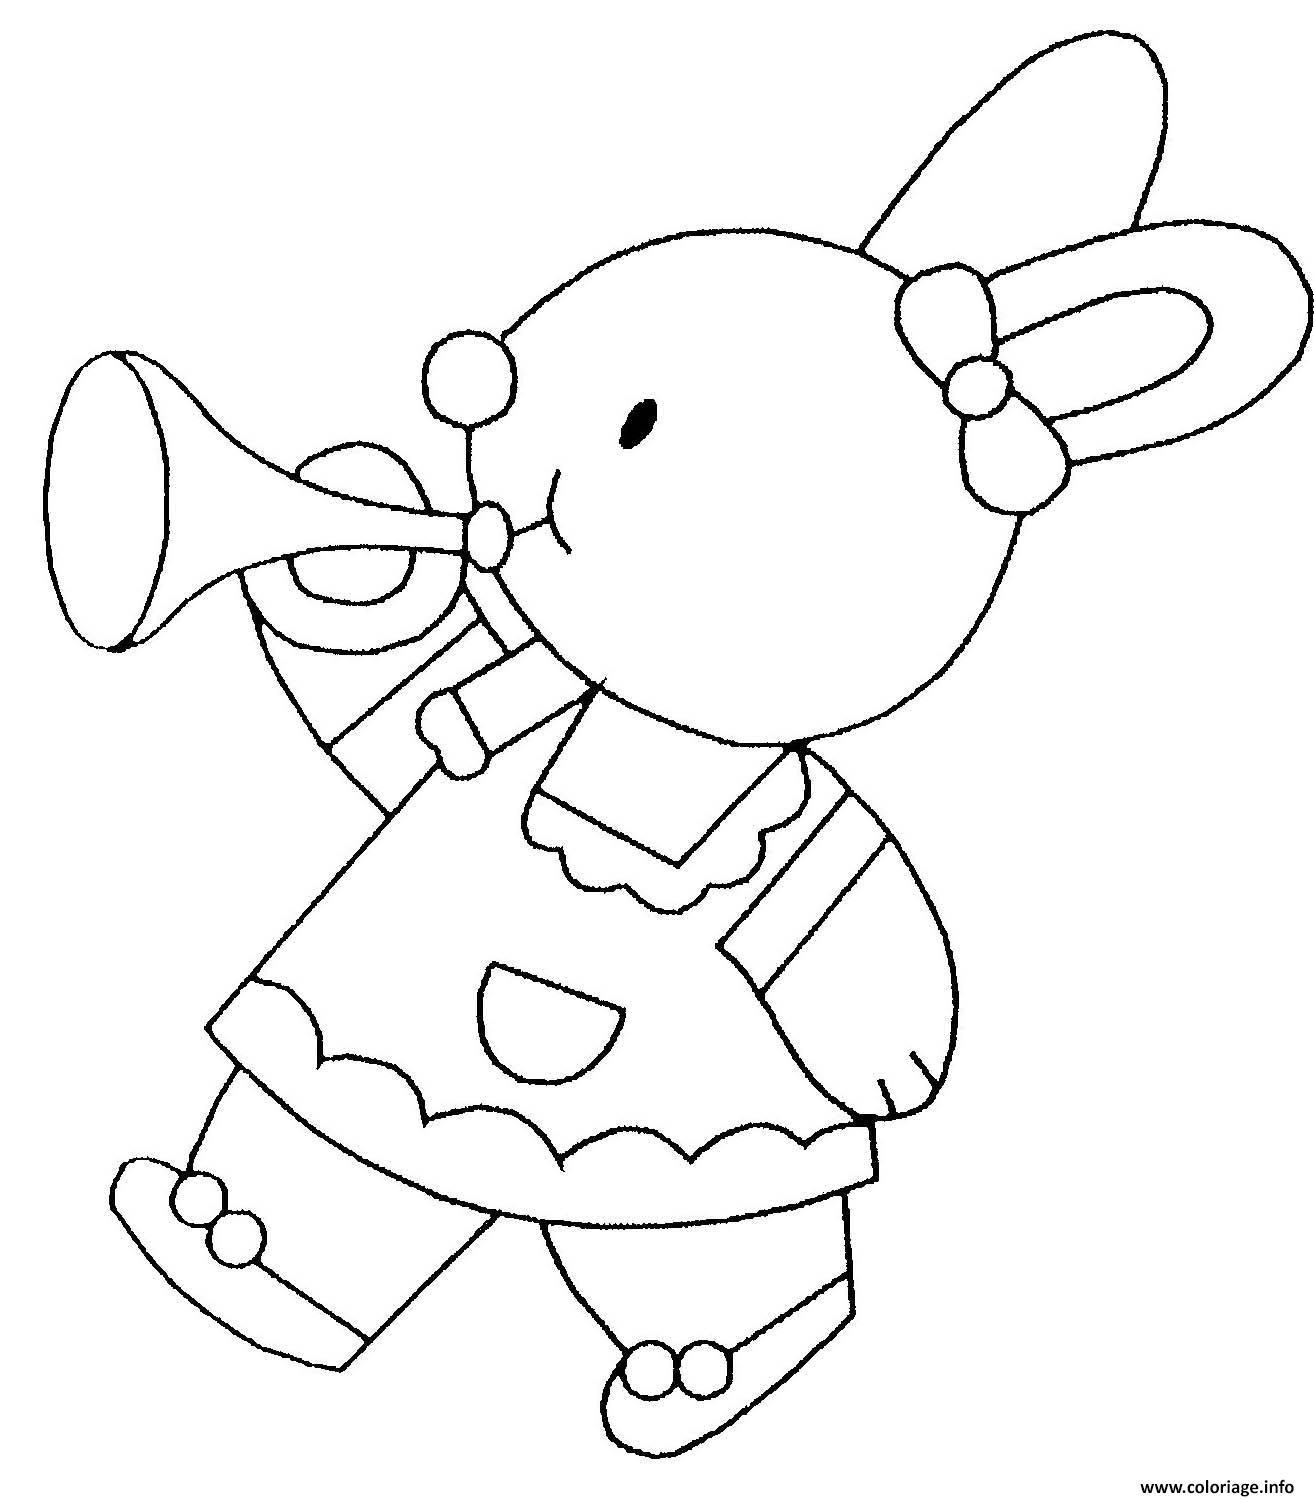 Dessin lapin lapinot Coloriage Gratuit à Imprimer